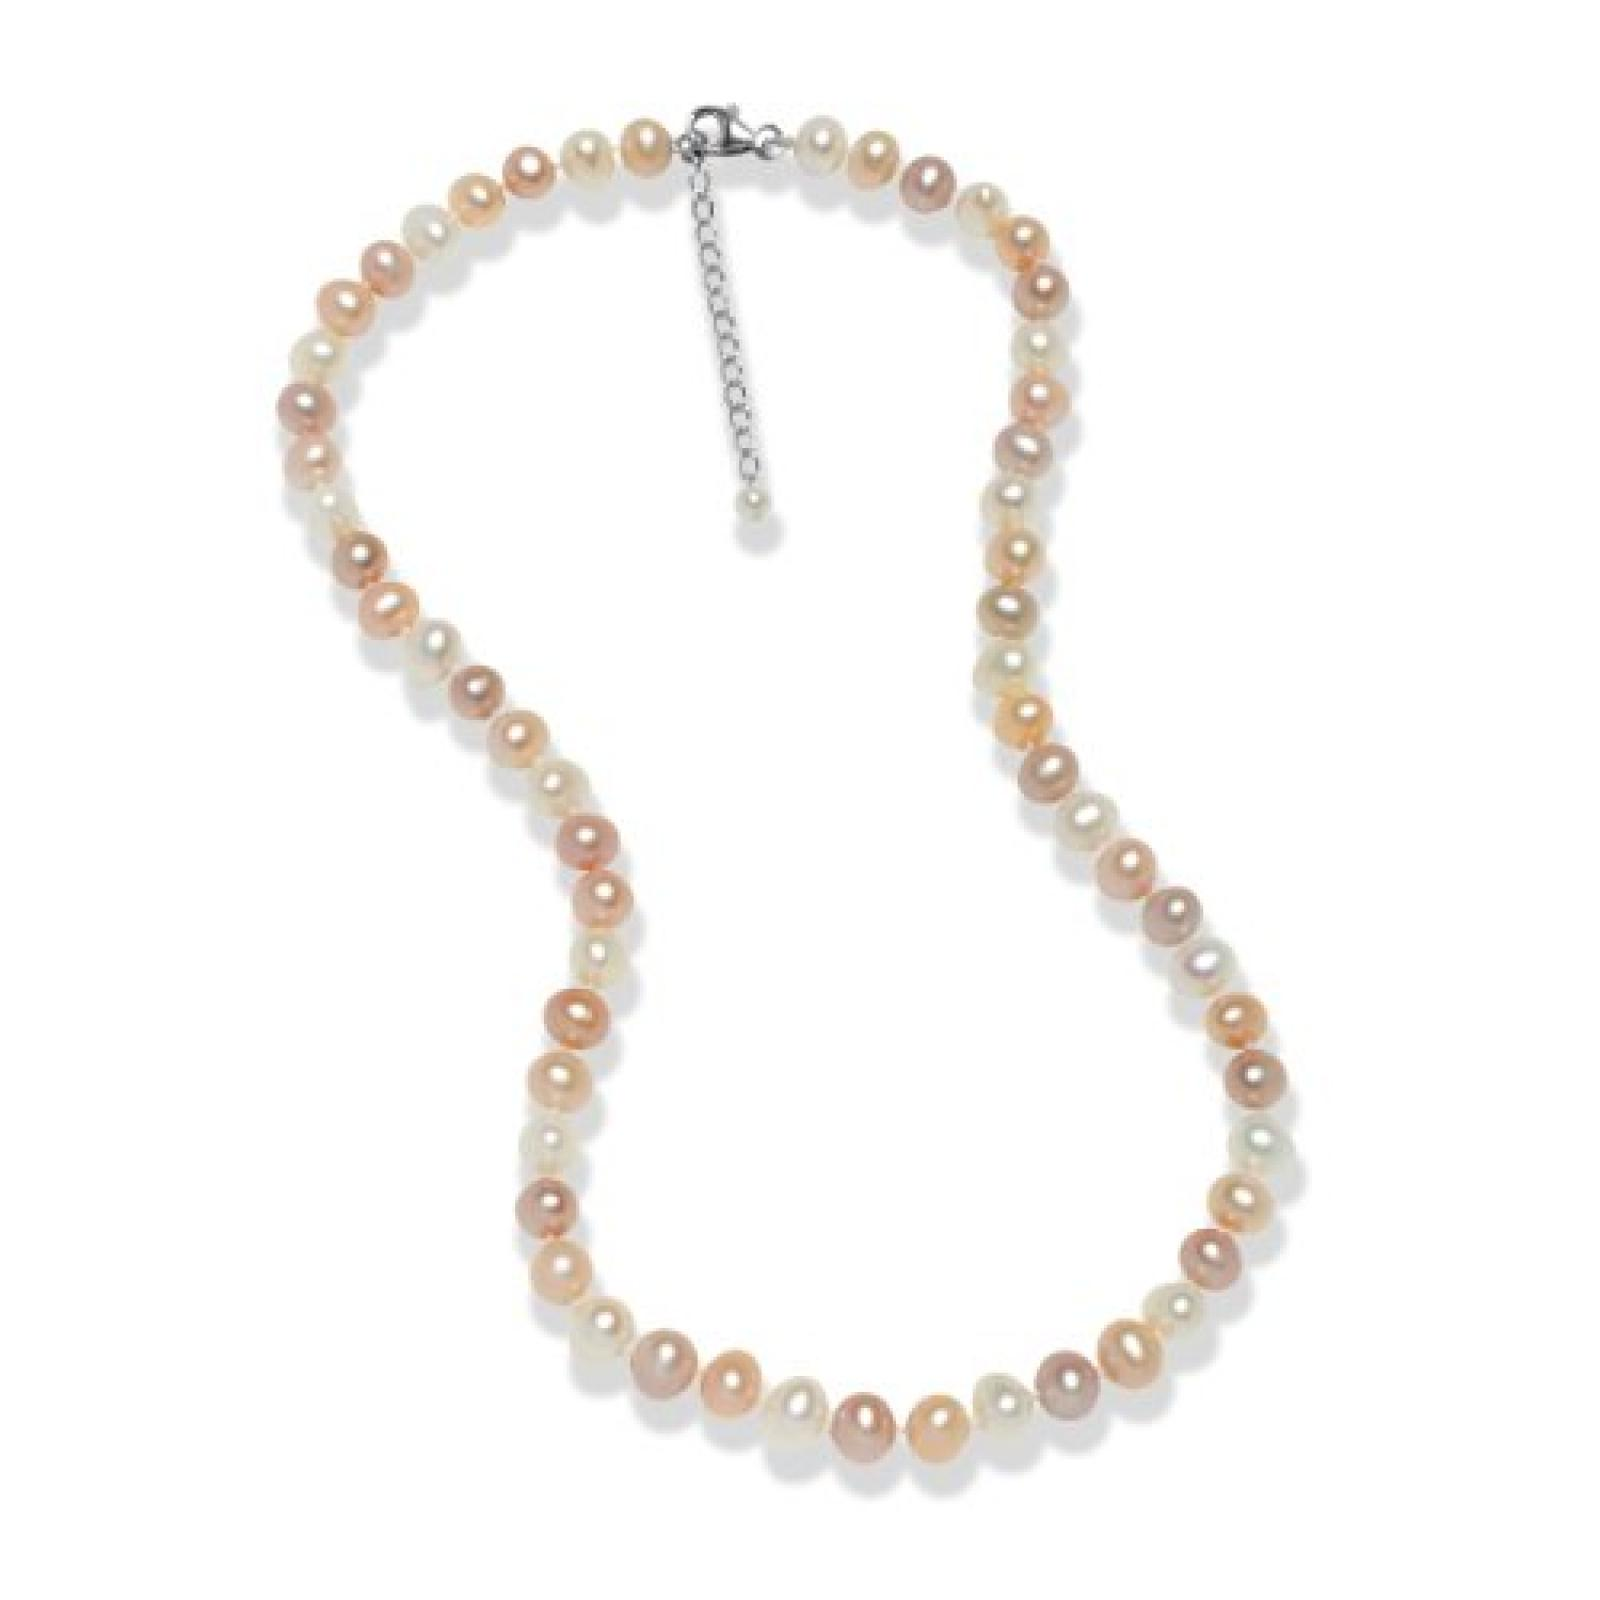 Valero Pearls Classic Collection Damen-Kette Hochwertige Süßwasser-Zuchtperlen in ca.  7 mm Oval weiß / apricot / flieder 925 Sterling Silber    60 cm + 5 cm Verlängerung   60201627